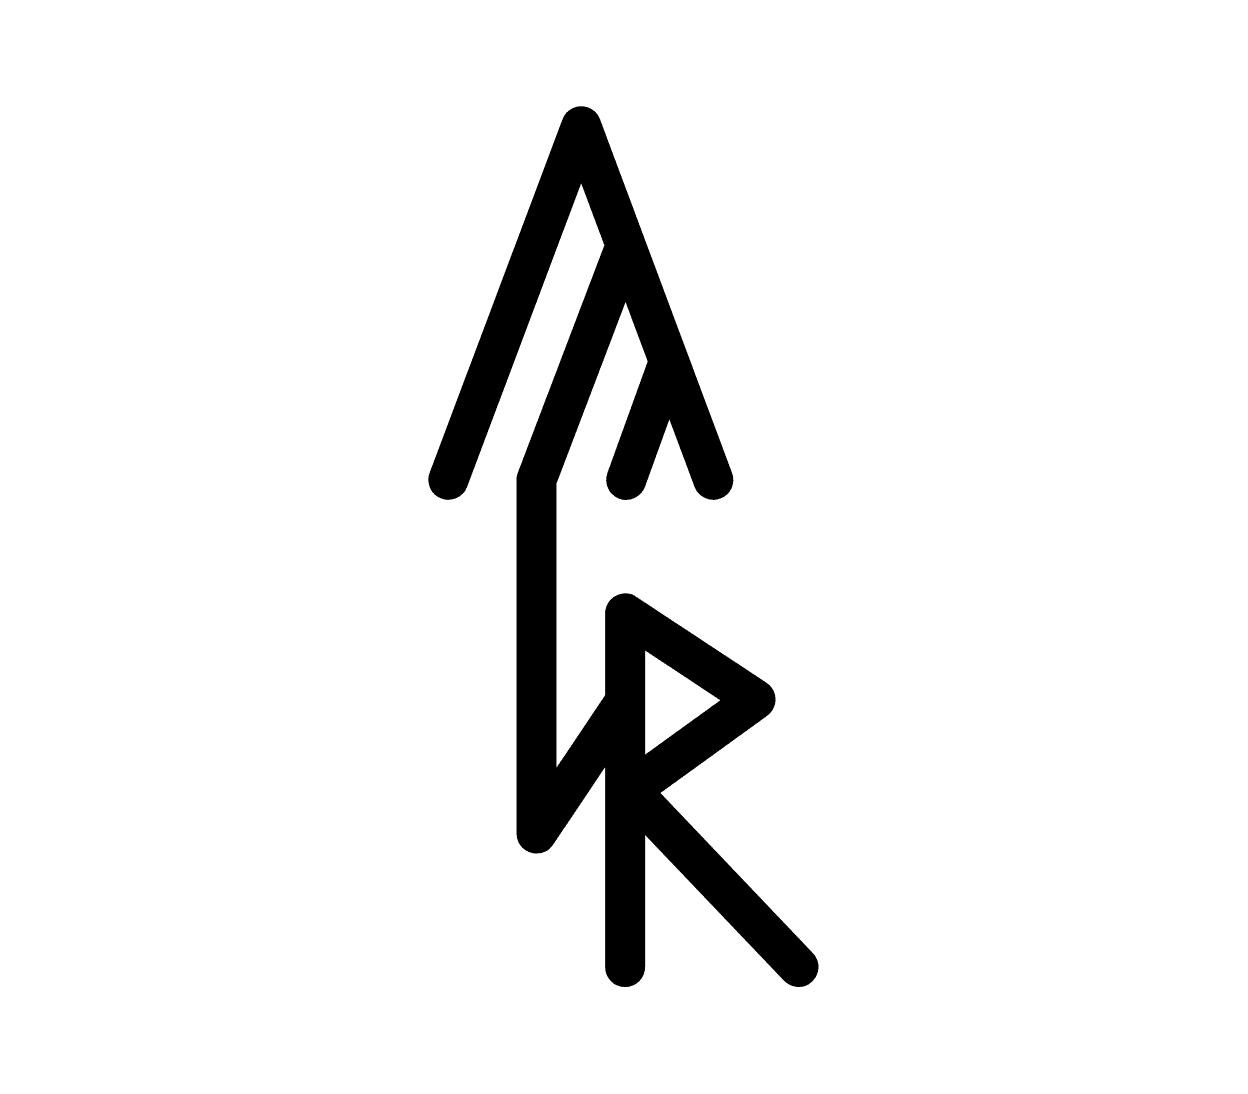 Typographie ALR 1 - Arnaud Le Roux - Directeur Artistique Digital & Développeur Front-End